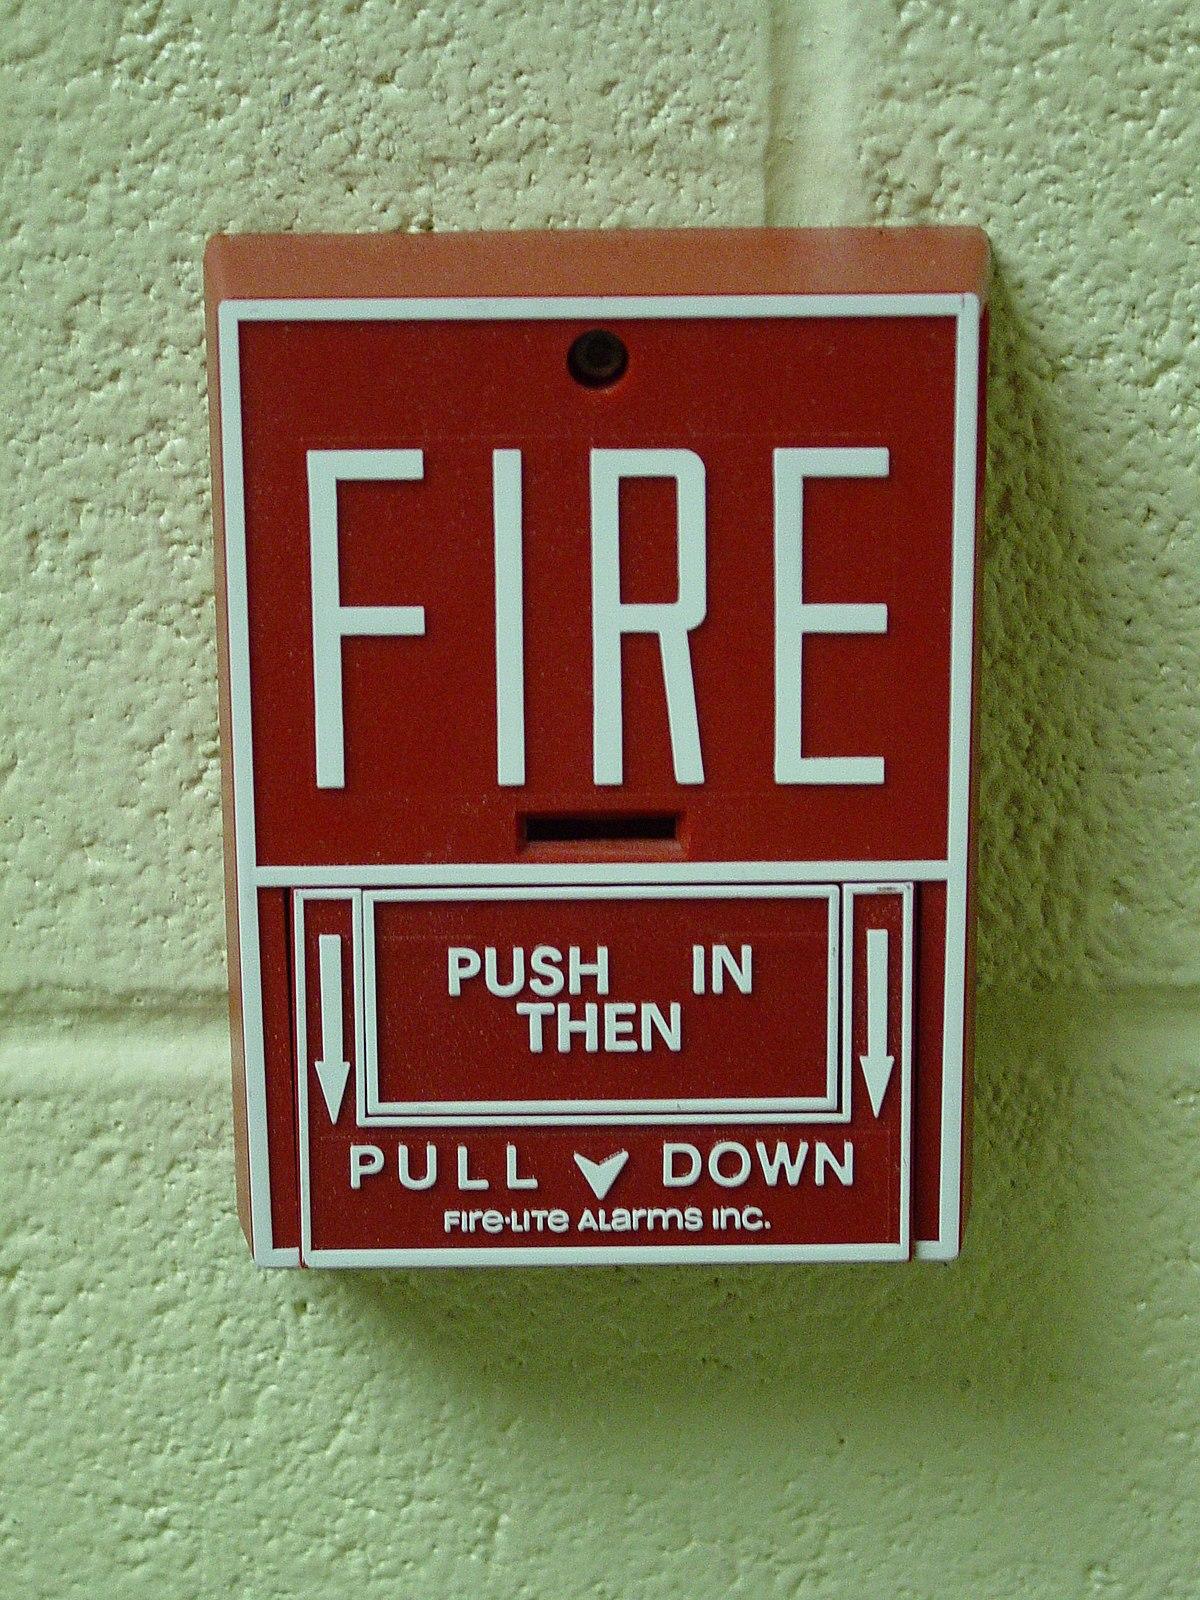 Fire-Lite Alarms - Wikipedia